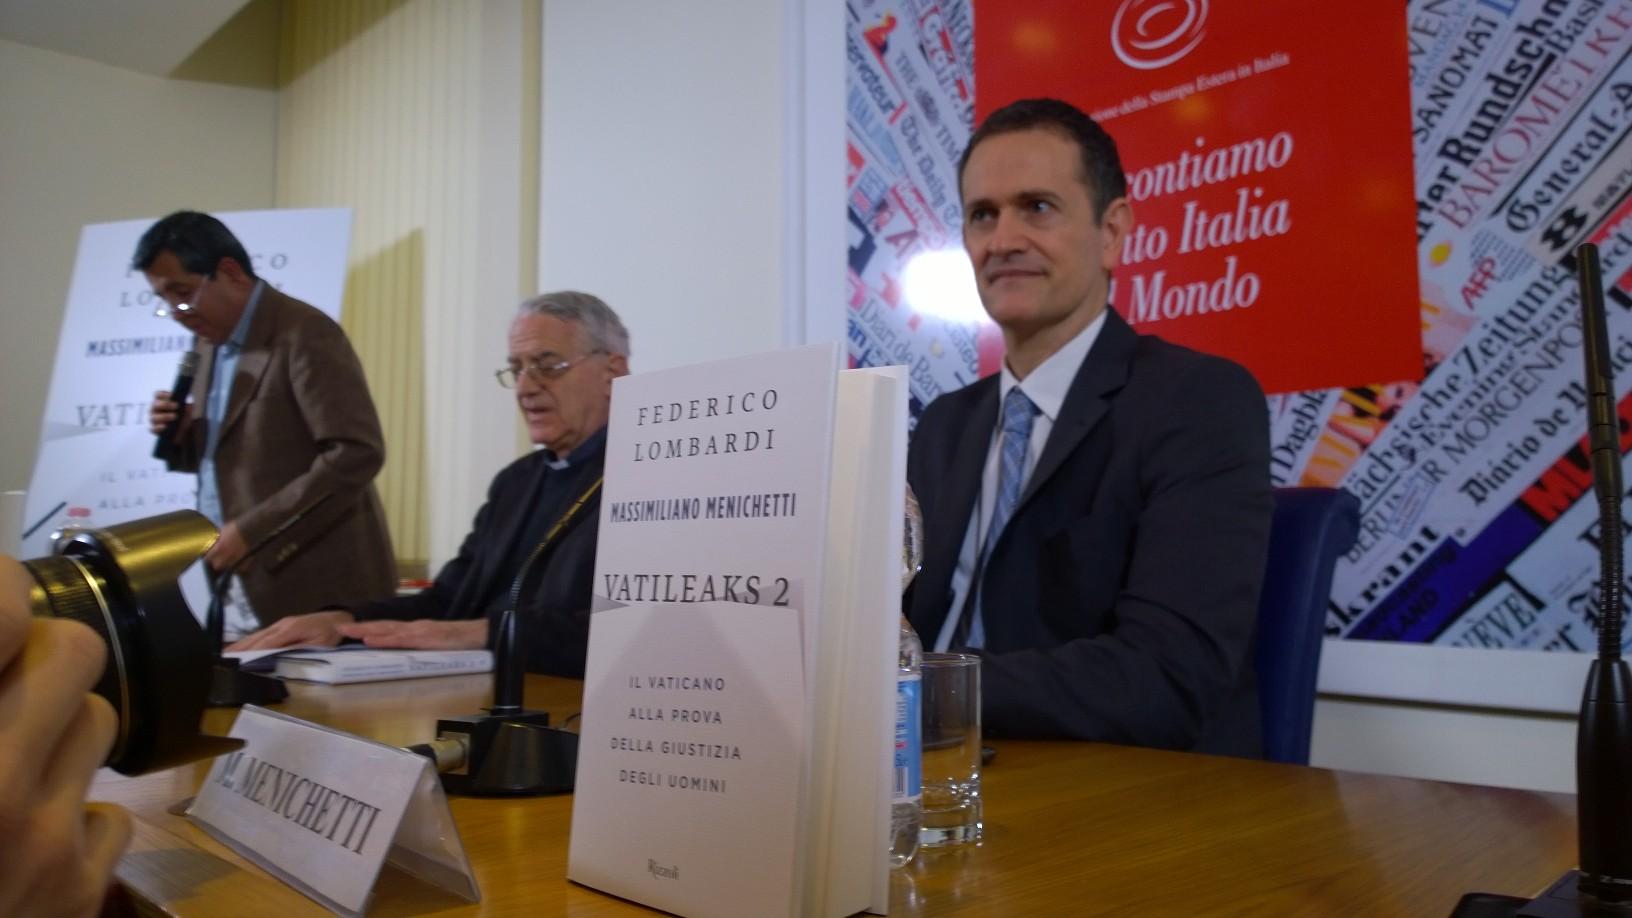 Libro Vatileaks 2, presentación en la Stampa Estera (Foto ZENIT cc)